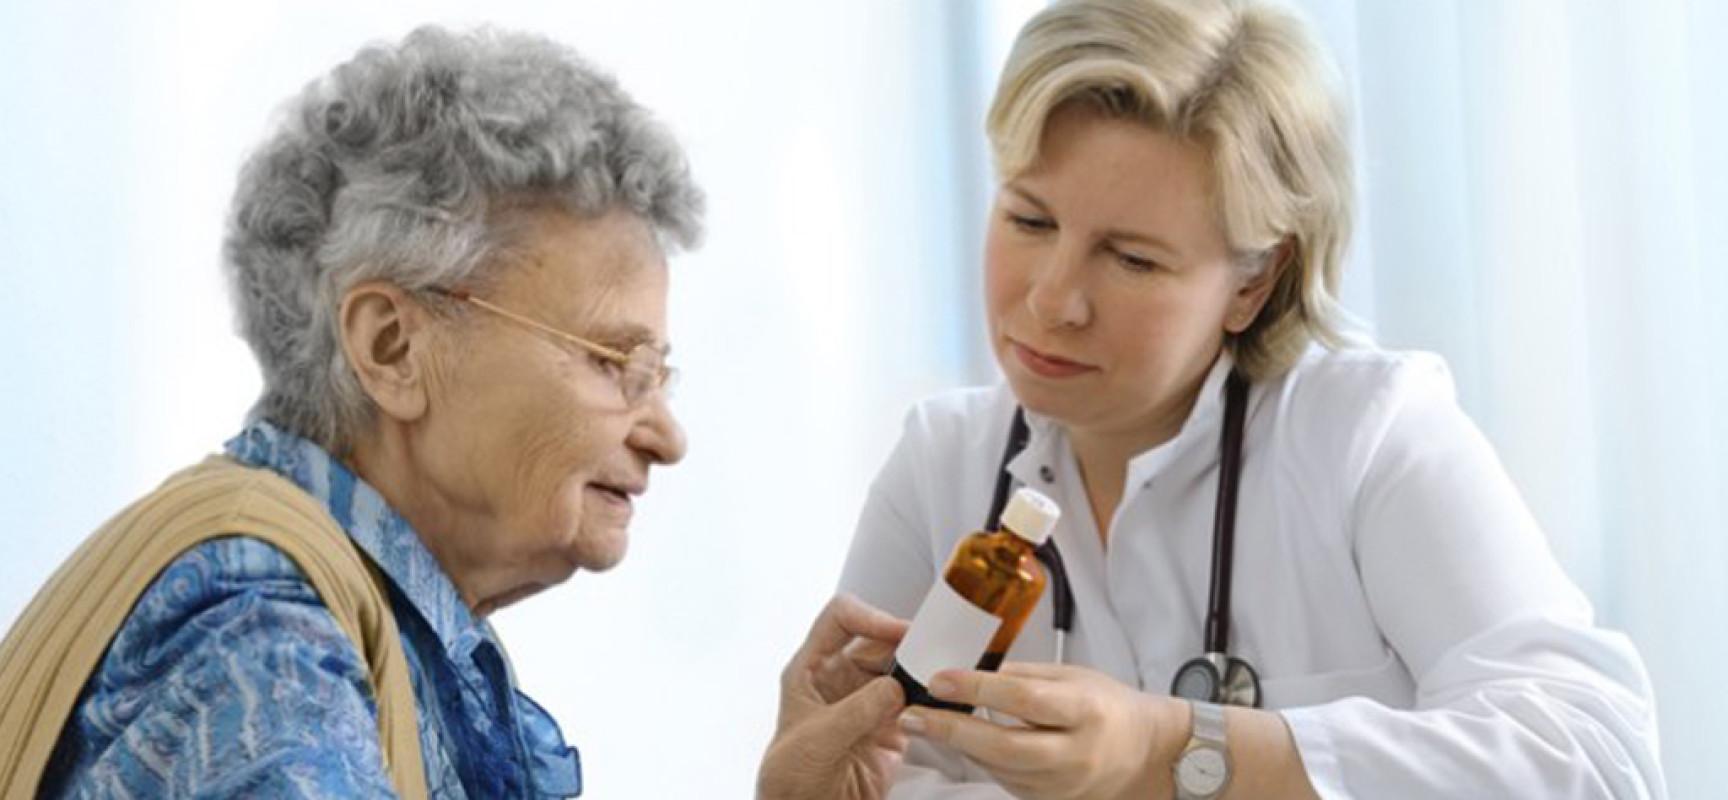 Врач гериатр: что лечит и как попасть на прием к доктору